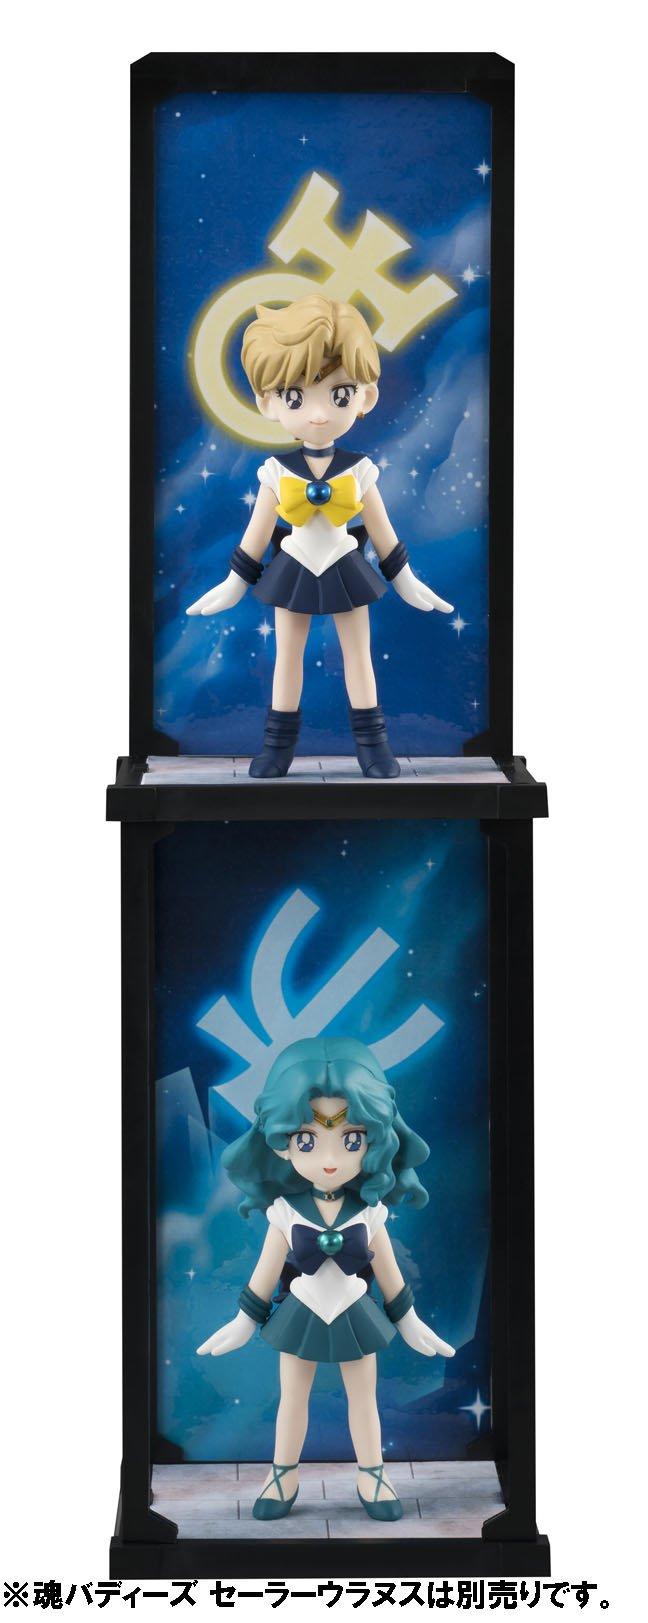 魂バディーズ 美少女戦士 セーラームーン セーラーネプチューン 約90mm PVC&ABS製 塗装済み完成品フィギュア [バンダイ]